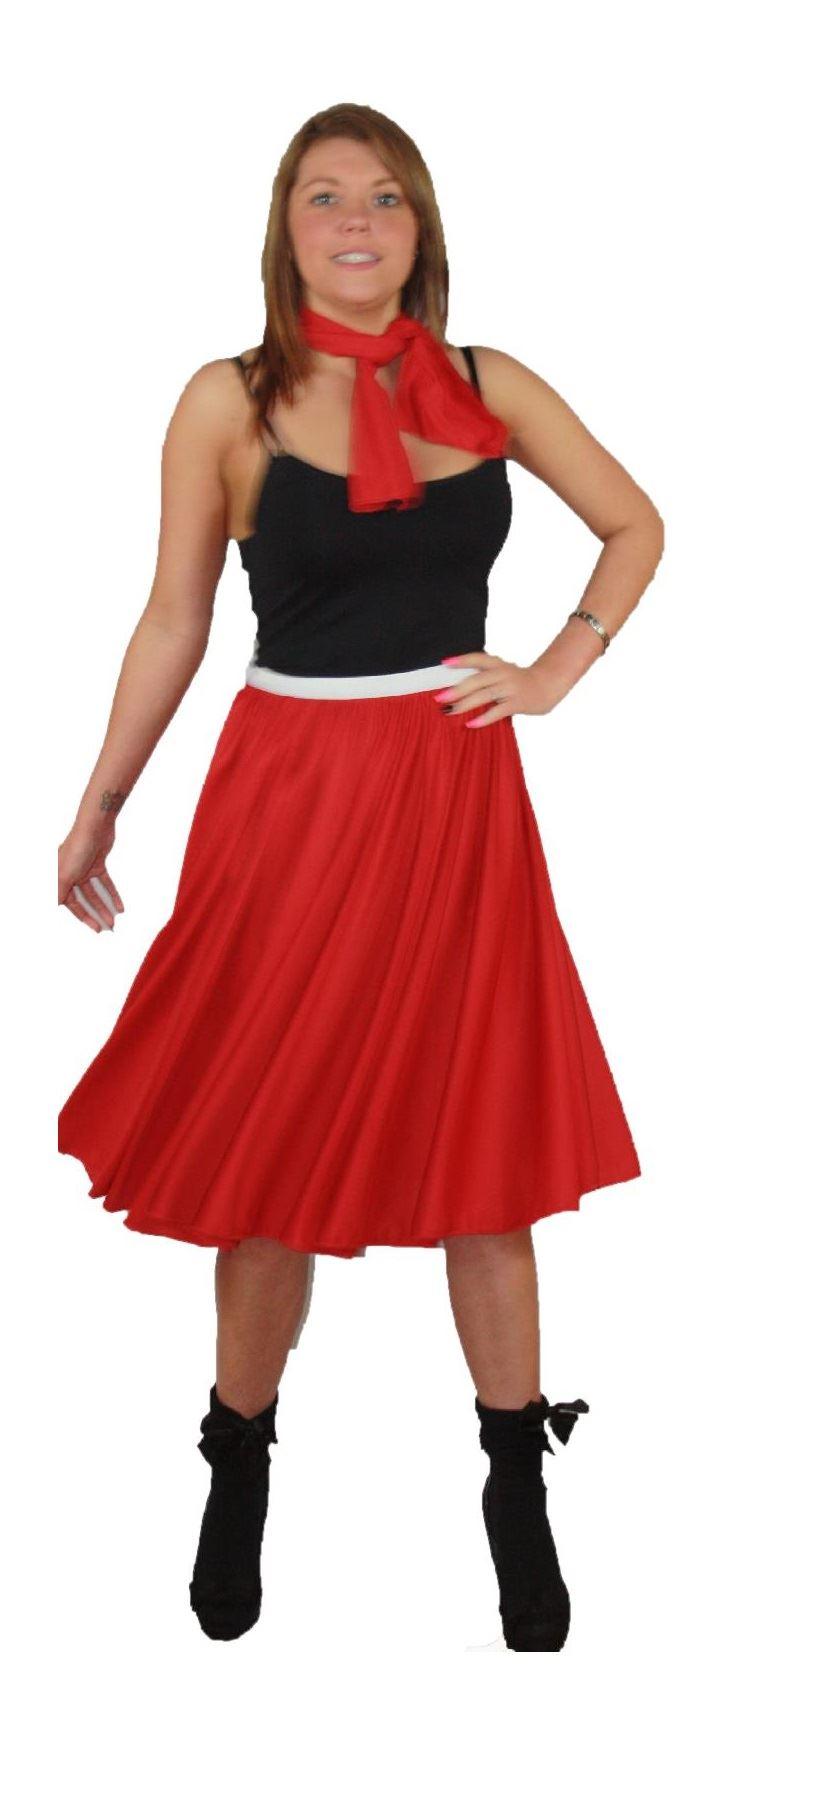 Rock N Roll Skirt & Scarf Set 1950s 1960s Red Fancy Dress ...